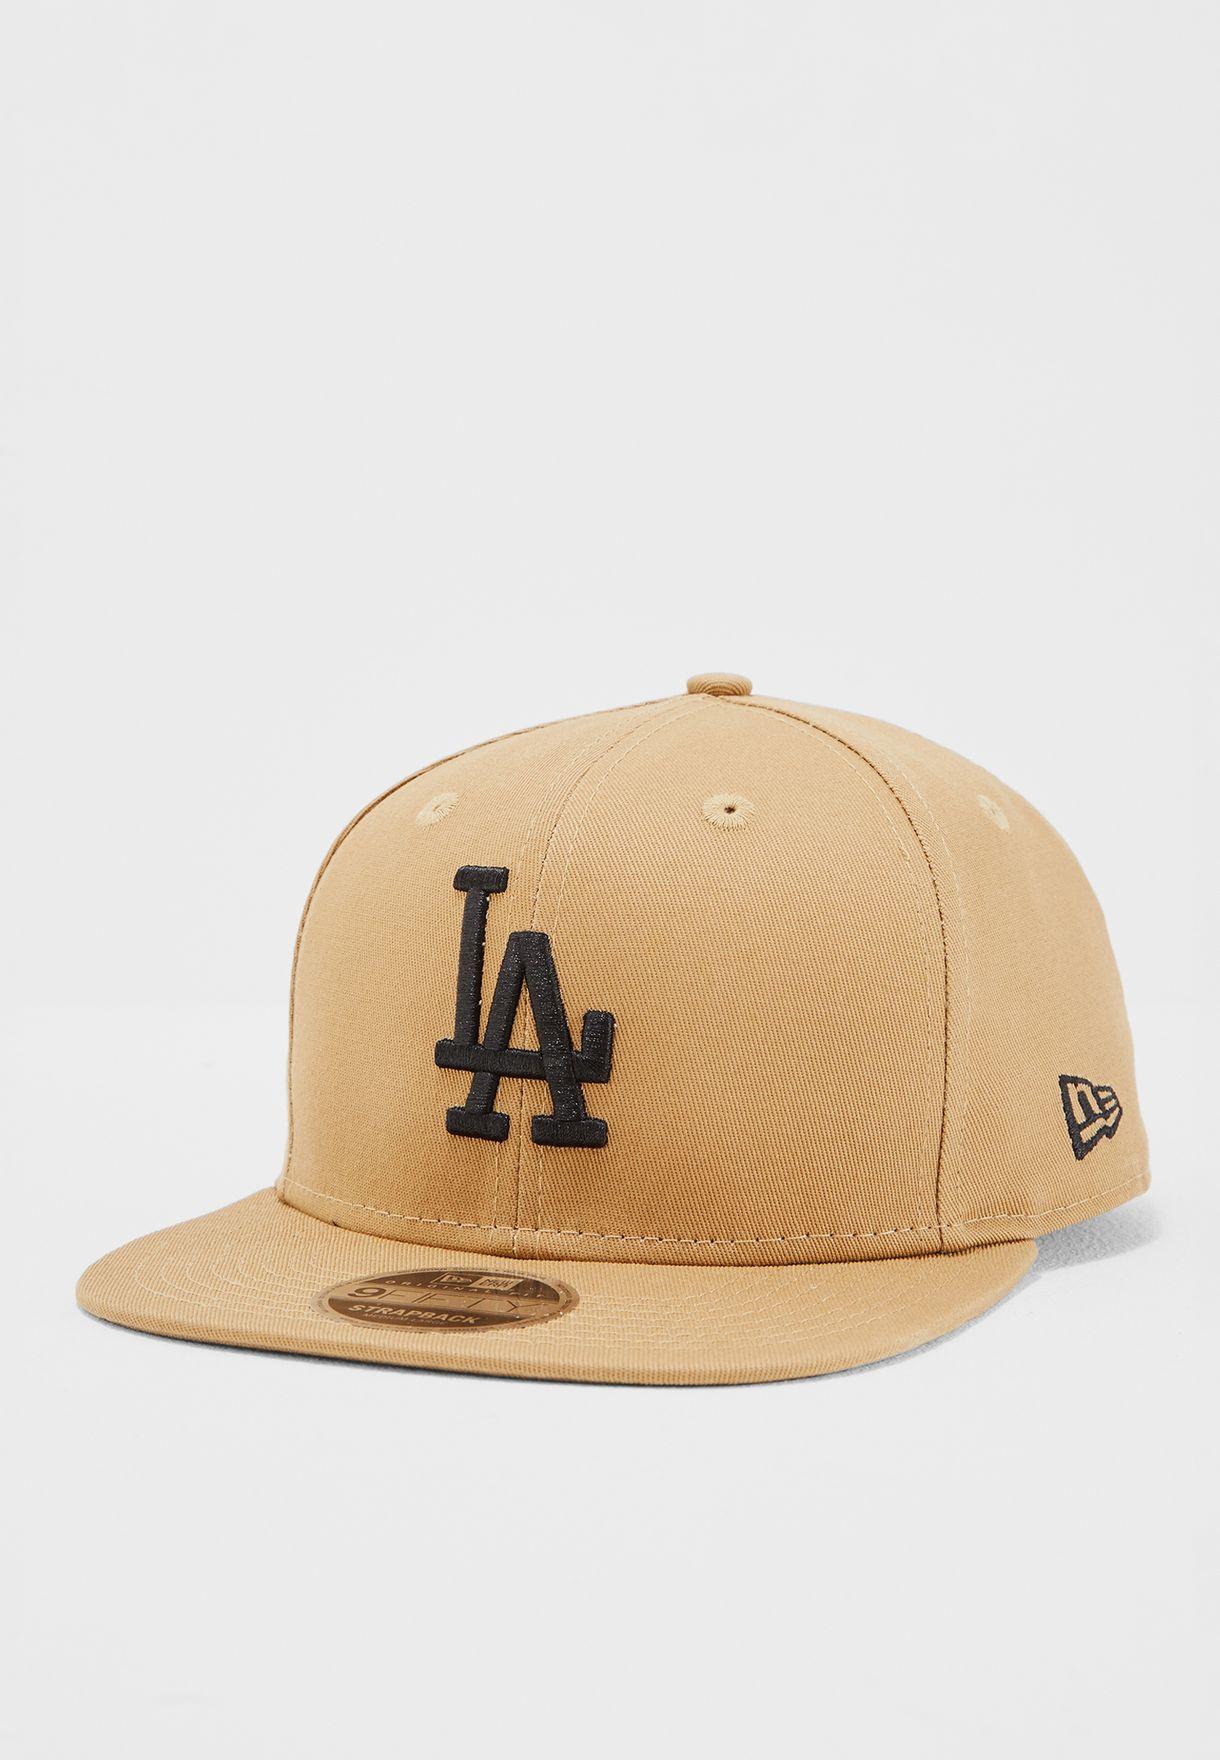 Shop New Era browns 9Fifty Los Angeles Dodgers Cap 80524844 for Men ... fc3f750aff02